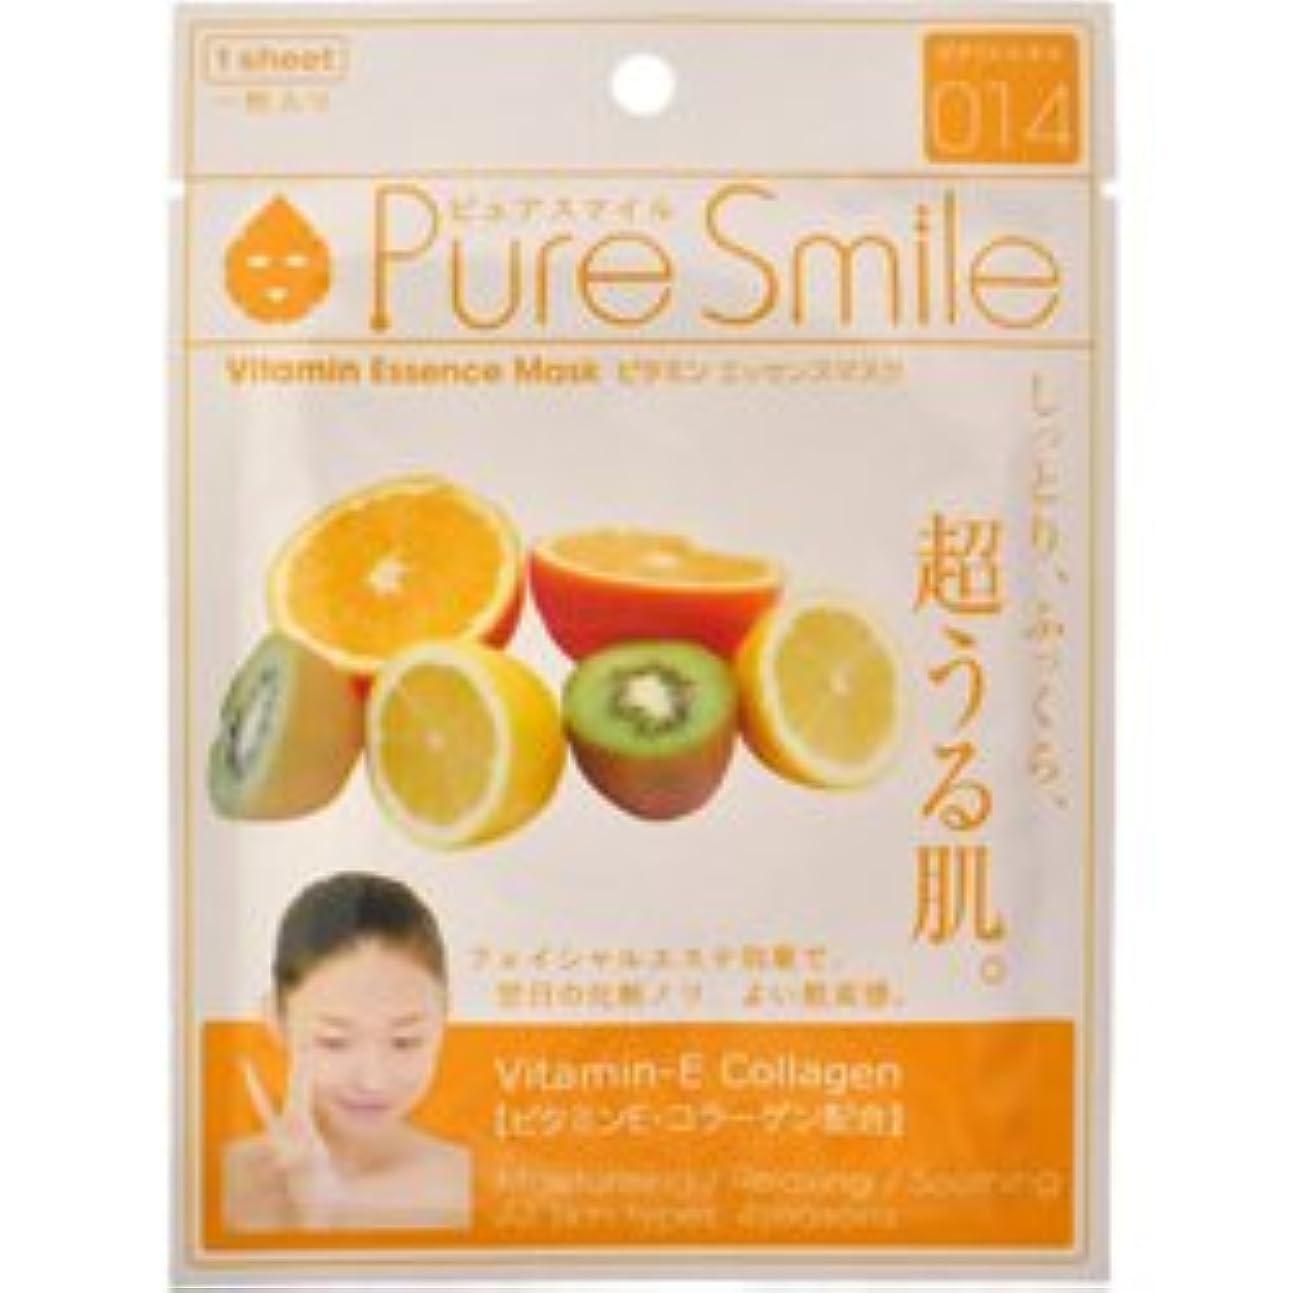 先入観アグネスグレイ日焼け【サンスマイル】エッセンスマスク ビタミン 1枚 ×5個セット